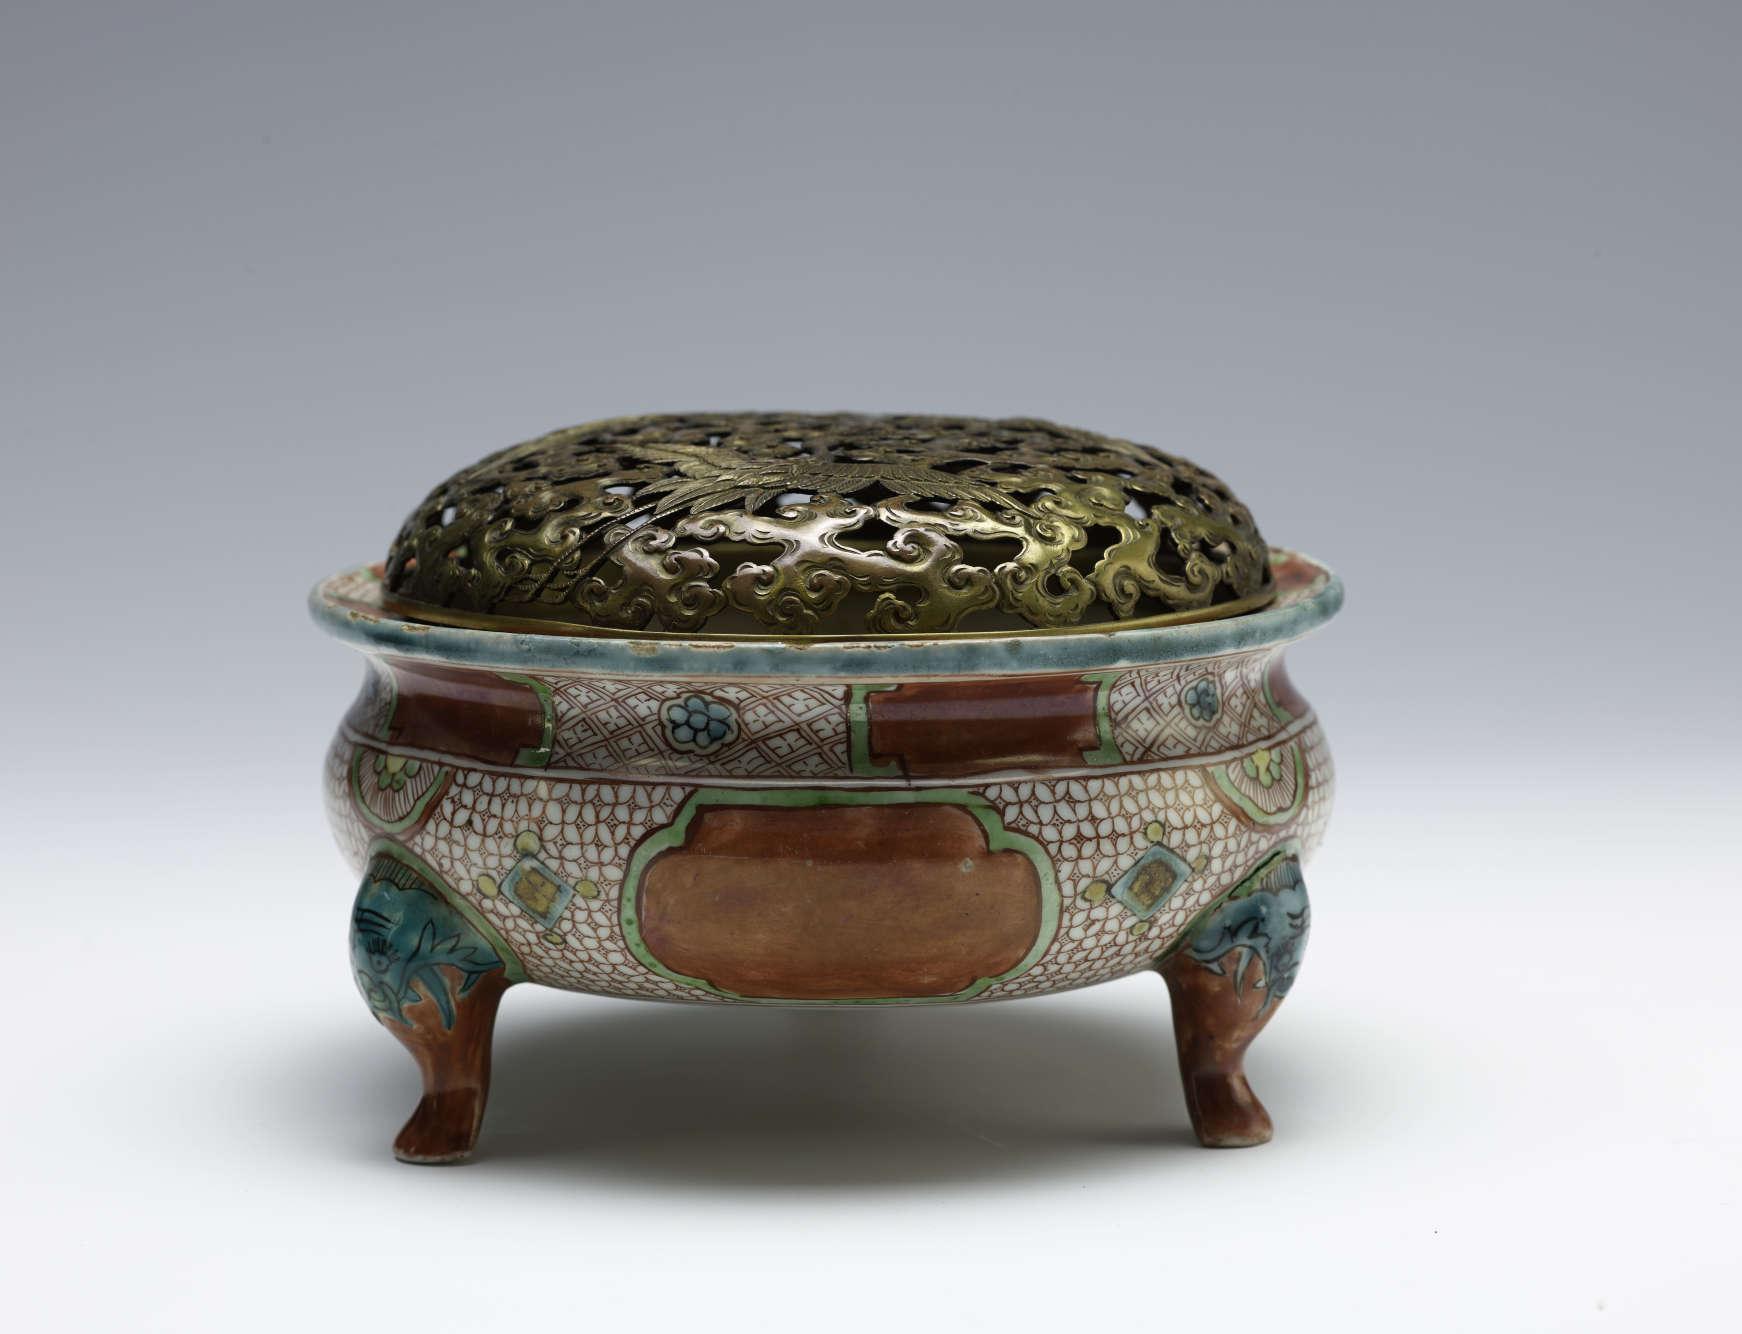 «Les matières parfumées et les pratiques de l'encens voyagent à travers l'Asie. Ce brûle-parfum, créé en Chine, a ainsi été agrémenté d'un couvercle ajouré au décor animalier par des artisans japonais.»